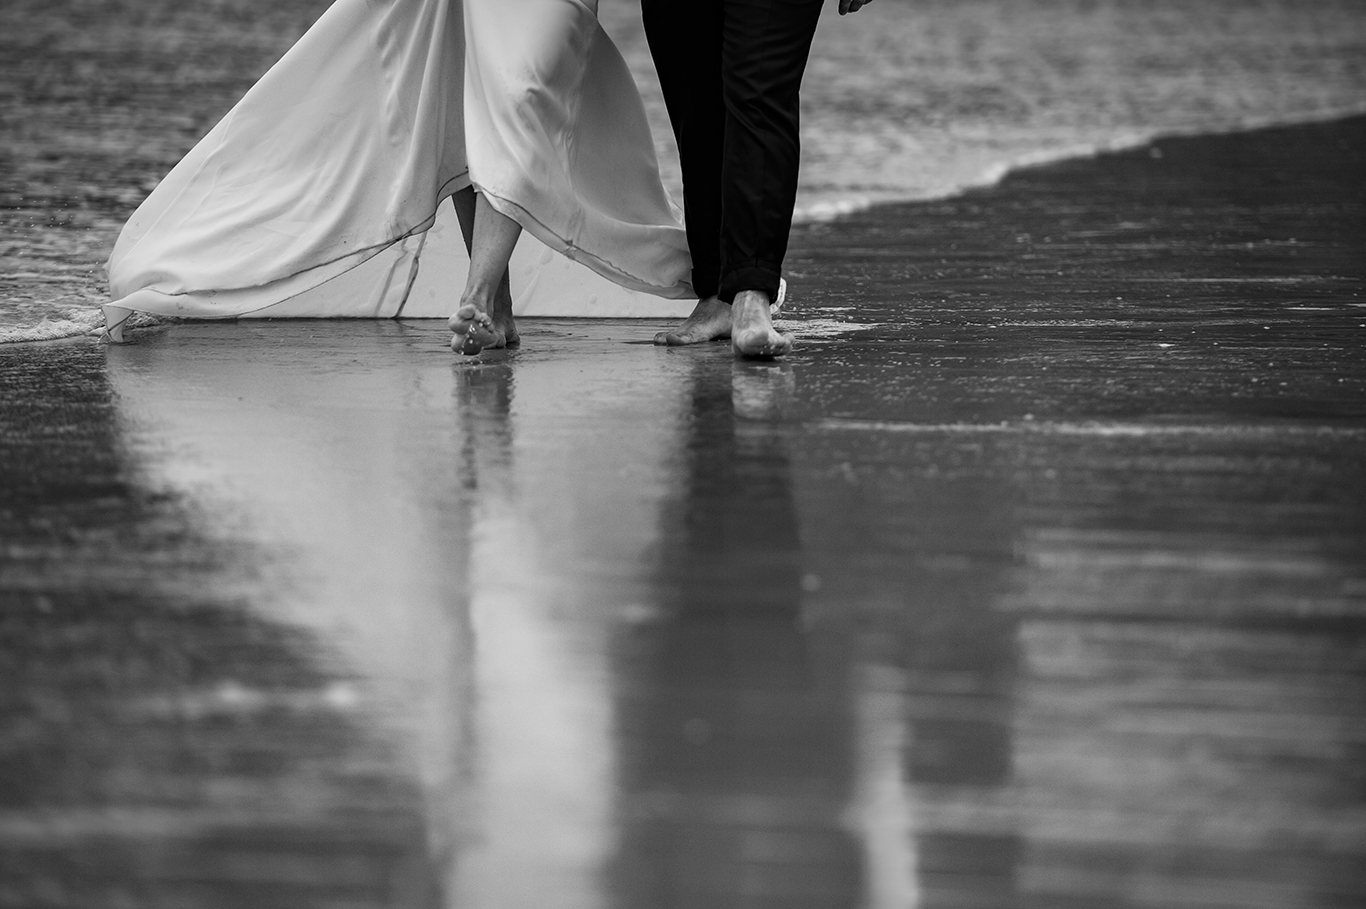 Fotógrafo de boda en Galicia, Fotógrafo de bodas en Lugo, Fotógrafo de bodas en Ourense, Fotógrafo de Bodas en Pontevedra, Fotógrafo de bodas en A Coruña